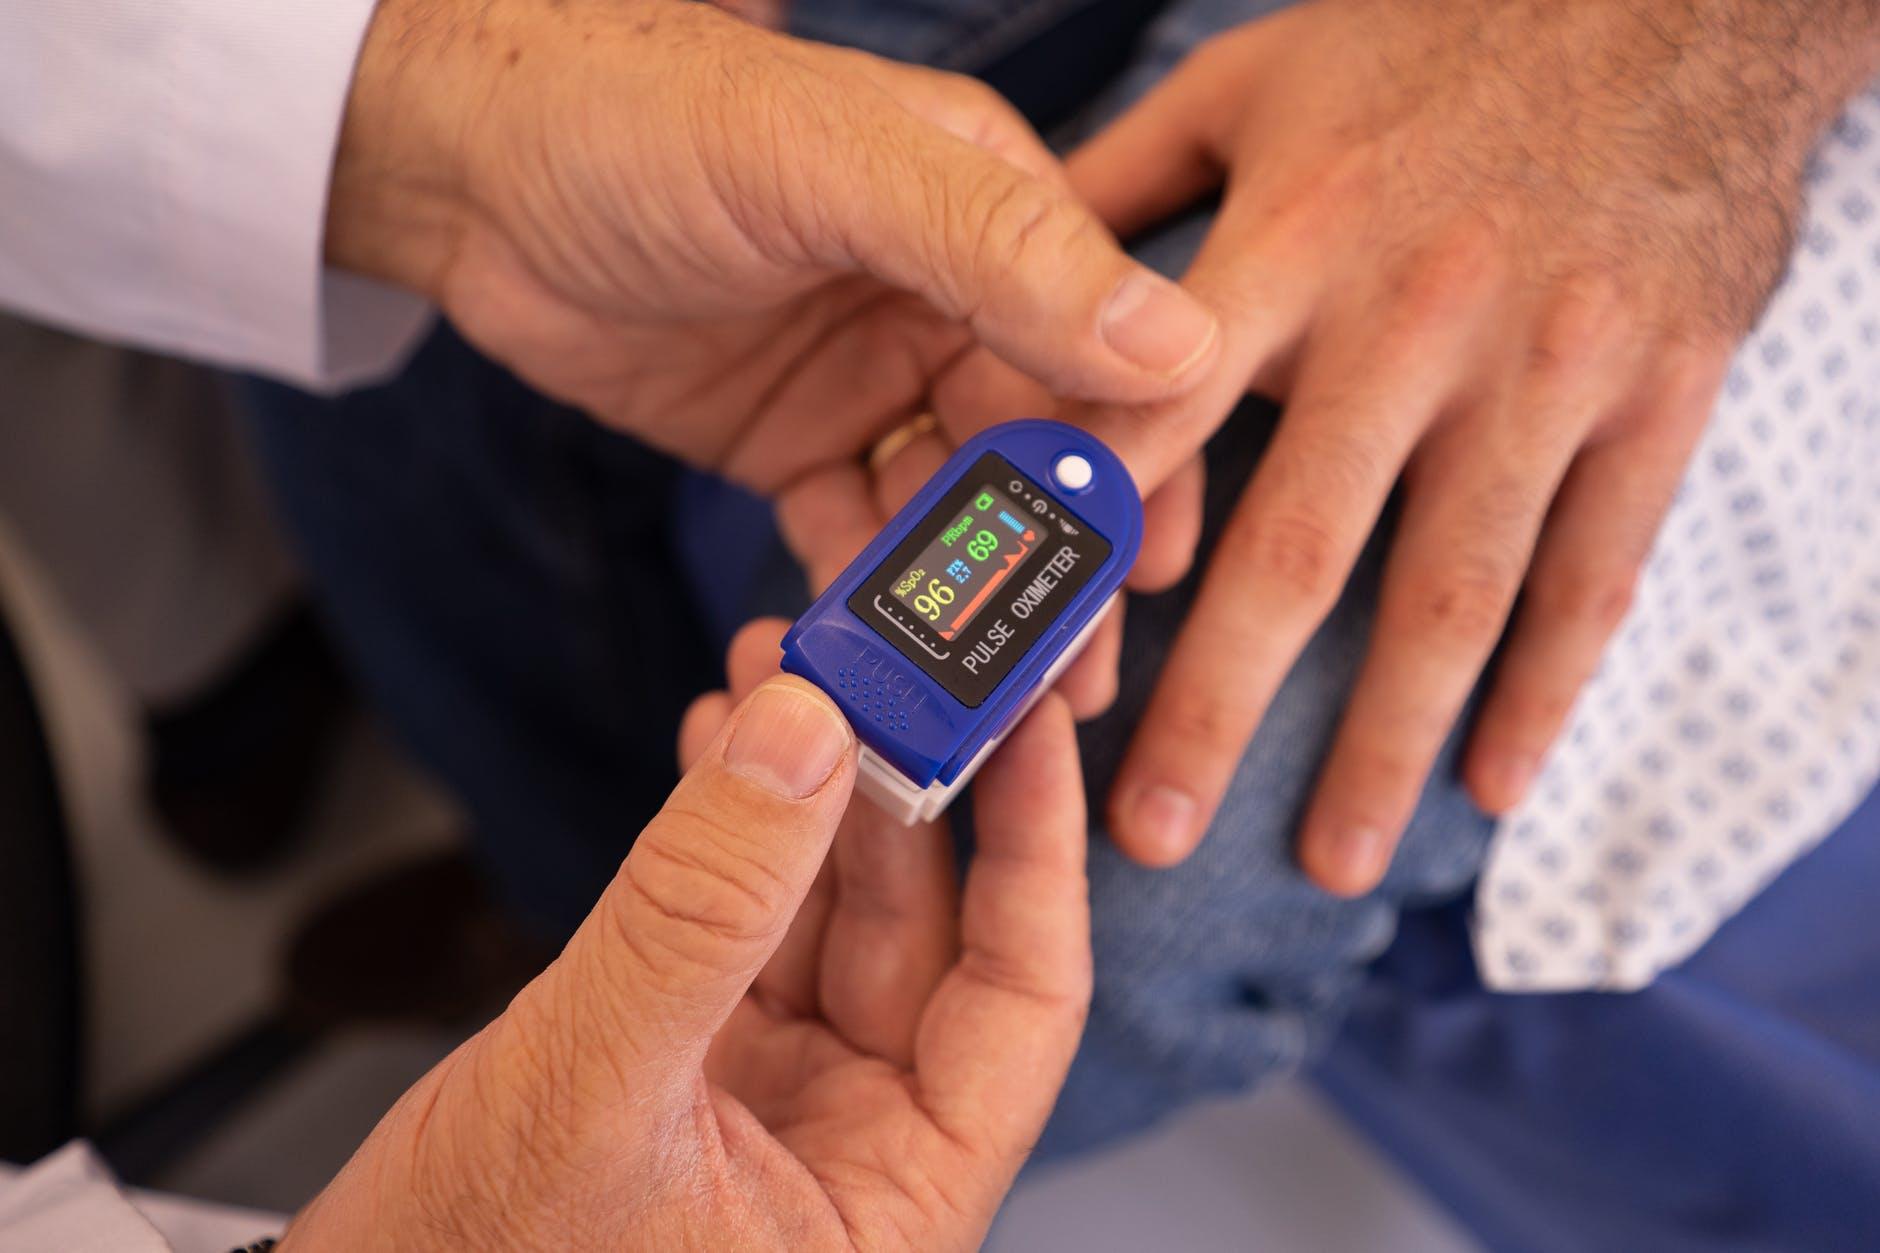 cara-mengetahui-rentang-angka-yang-menunjukkan-tekanan-darah-normal-berdasarkan-usia-anda